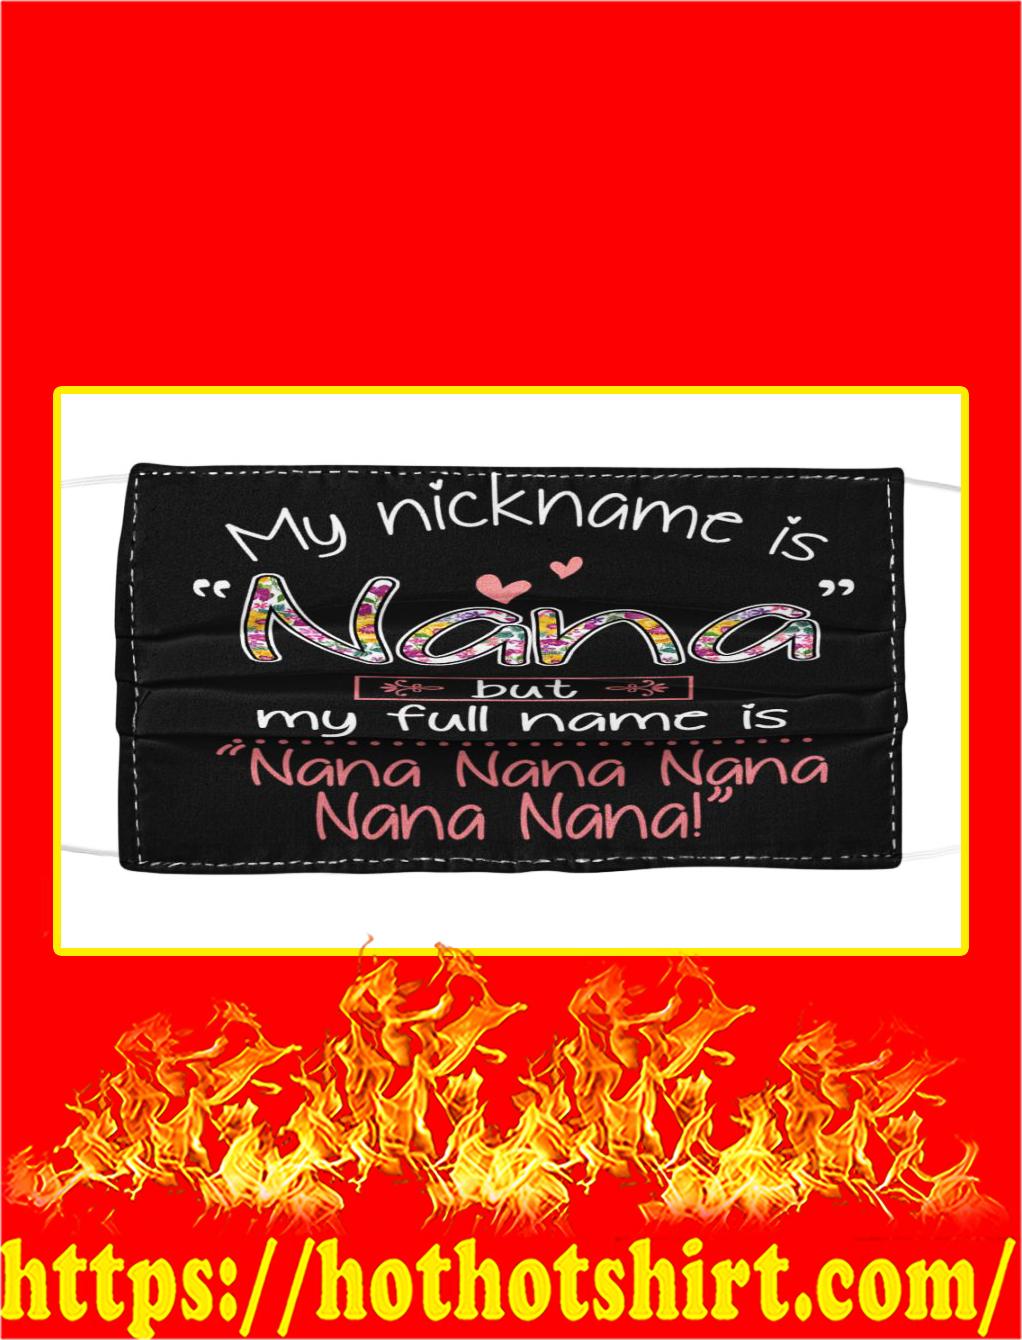 My nickname is nana but my full name is nana nana face mask